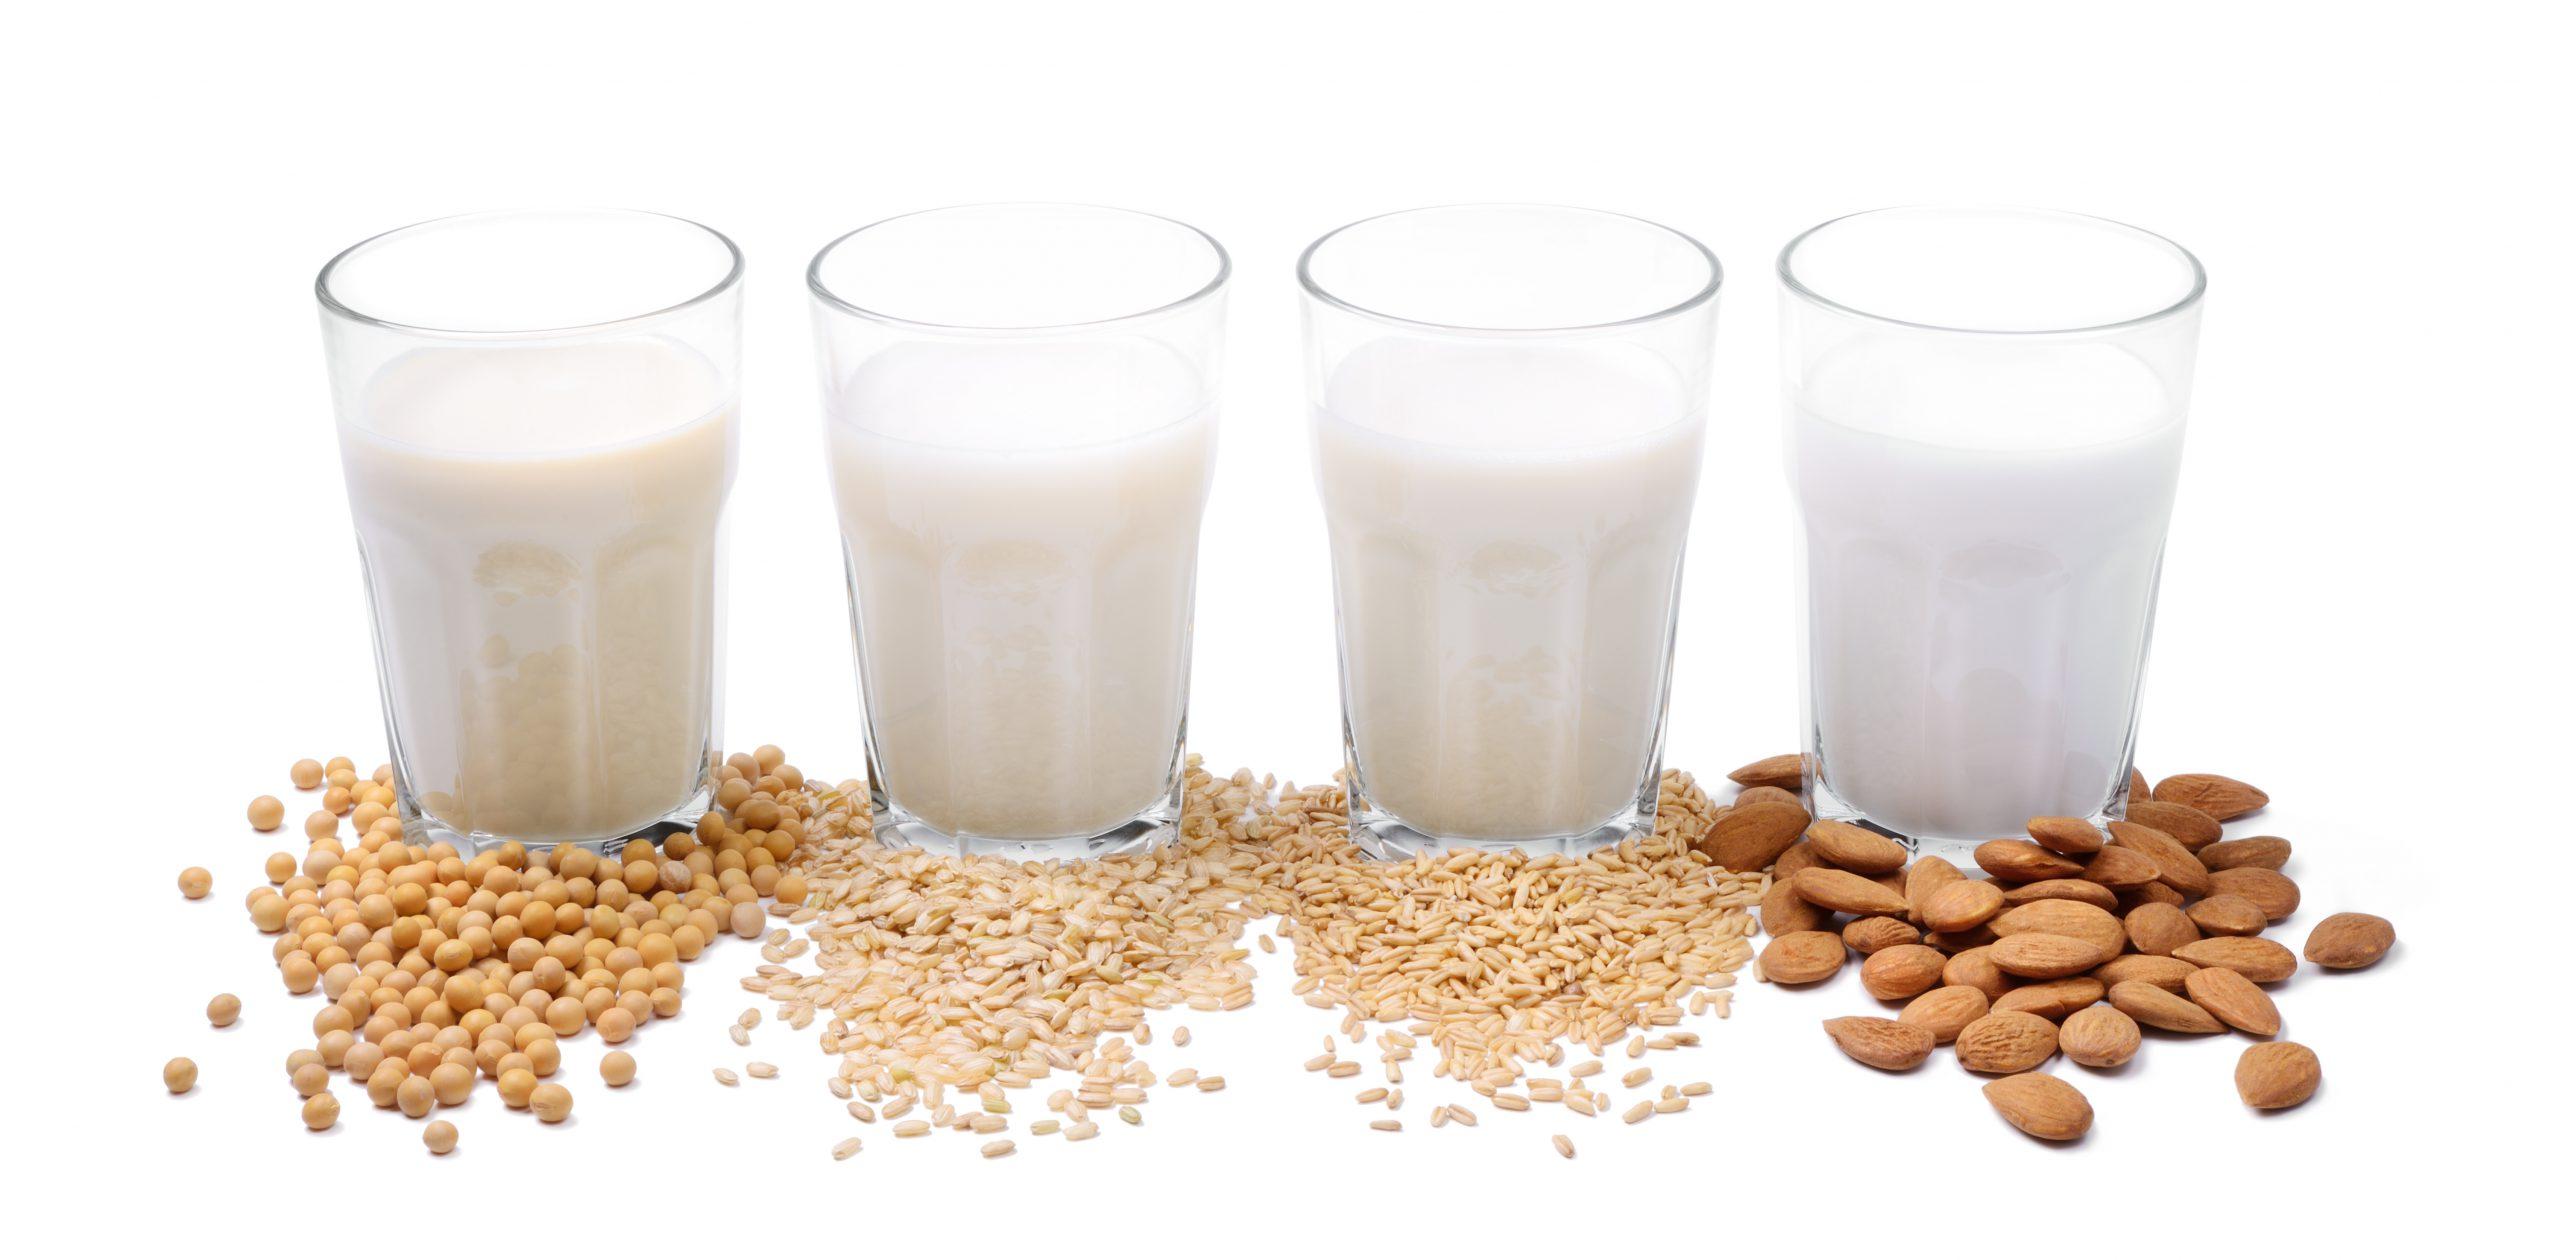 Leite vegetal ou leite animal: conheça os benefícios para a saúde - Foto: Adobe Stock